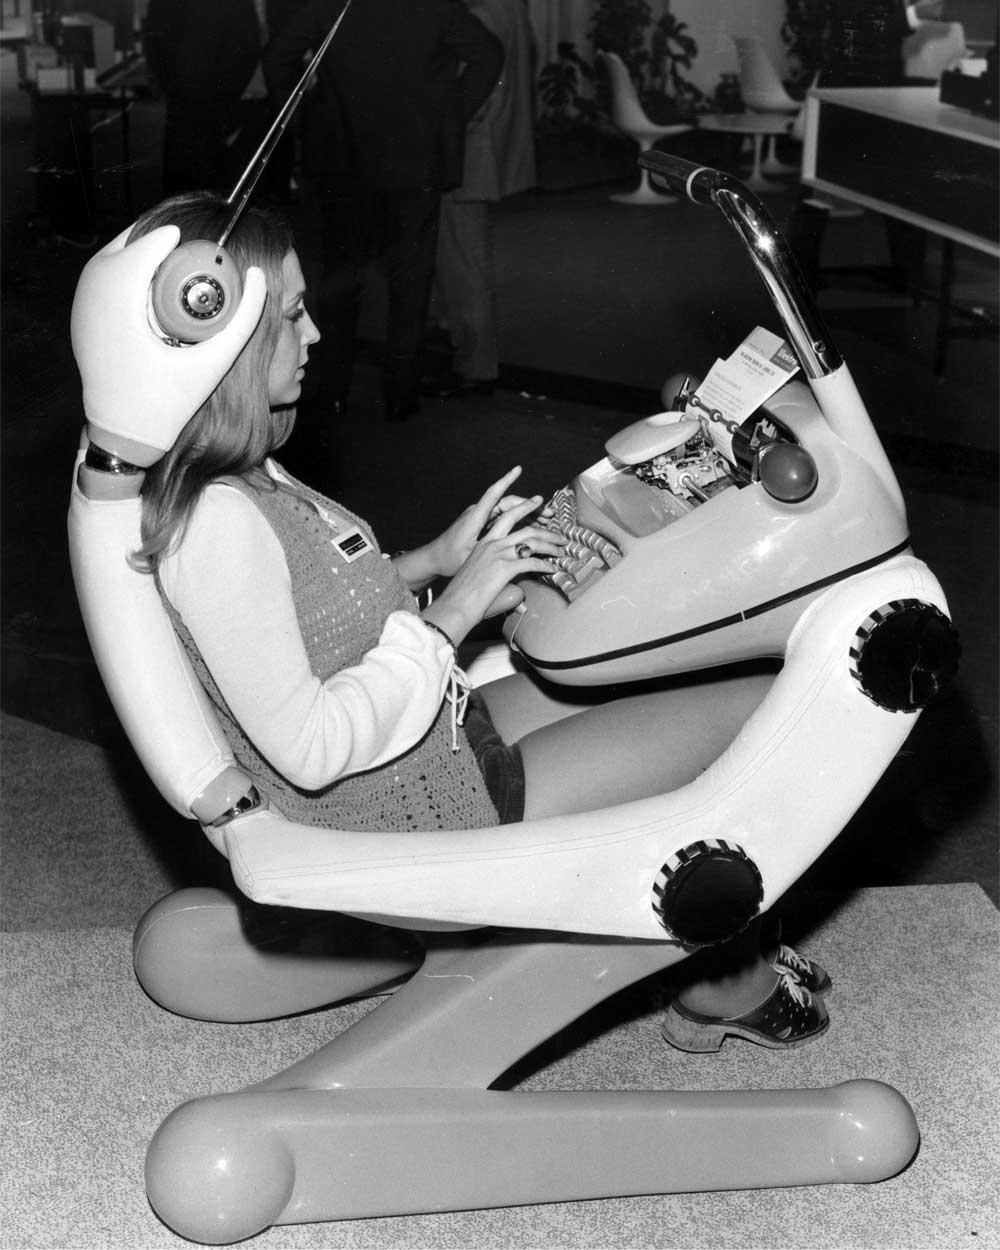 Retro Futurism 1970s